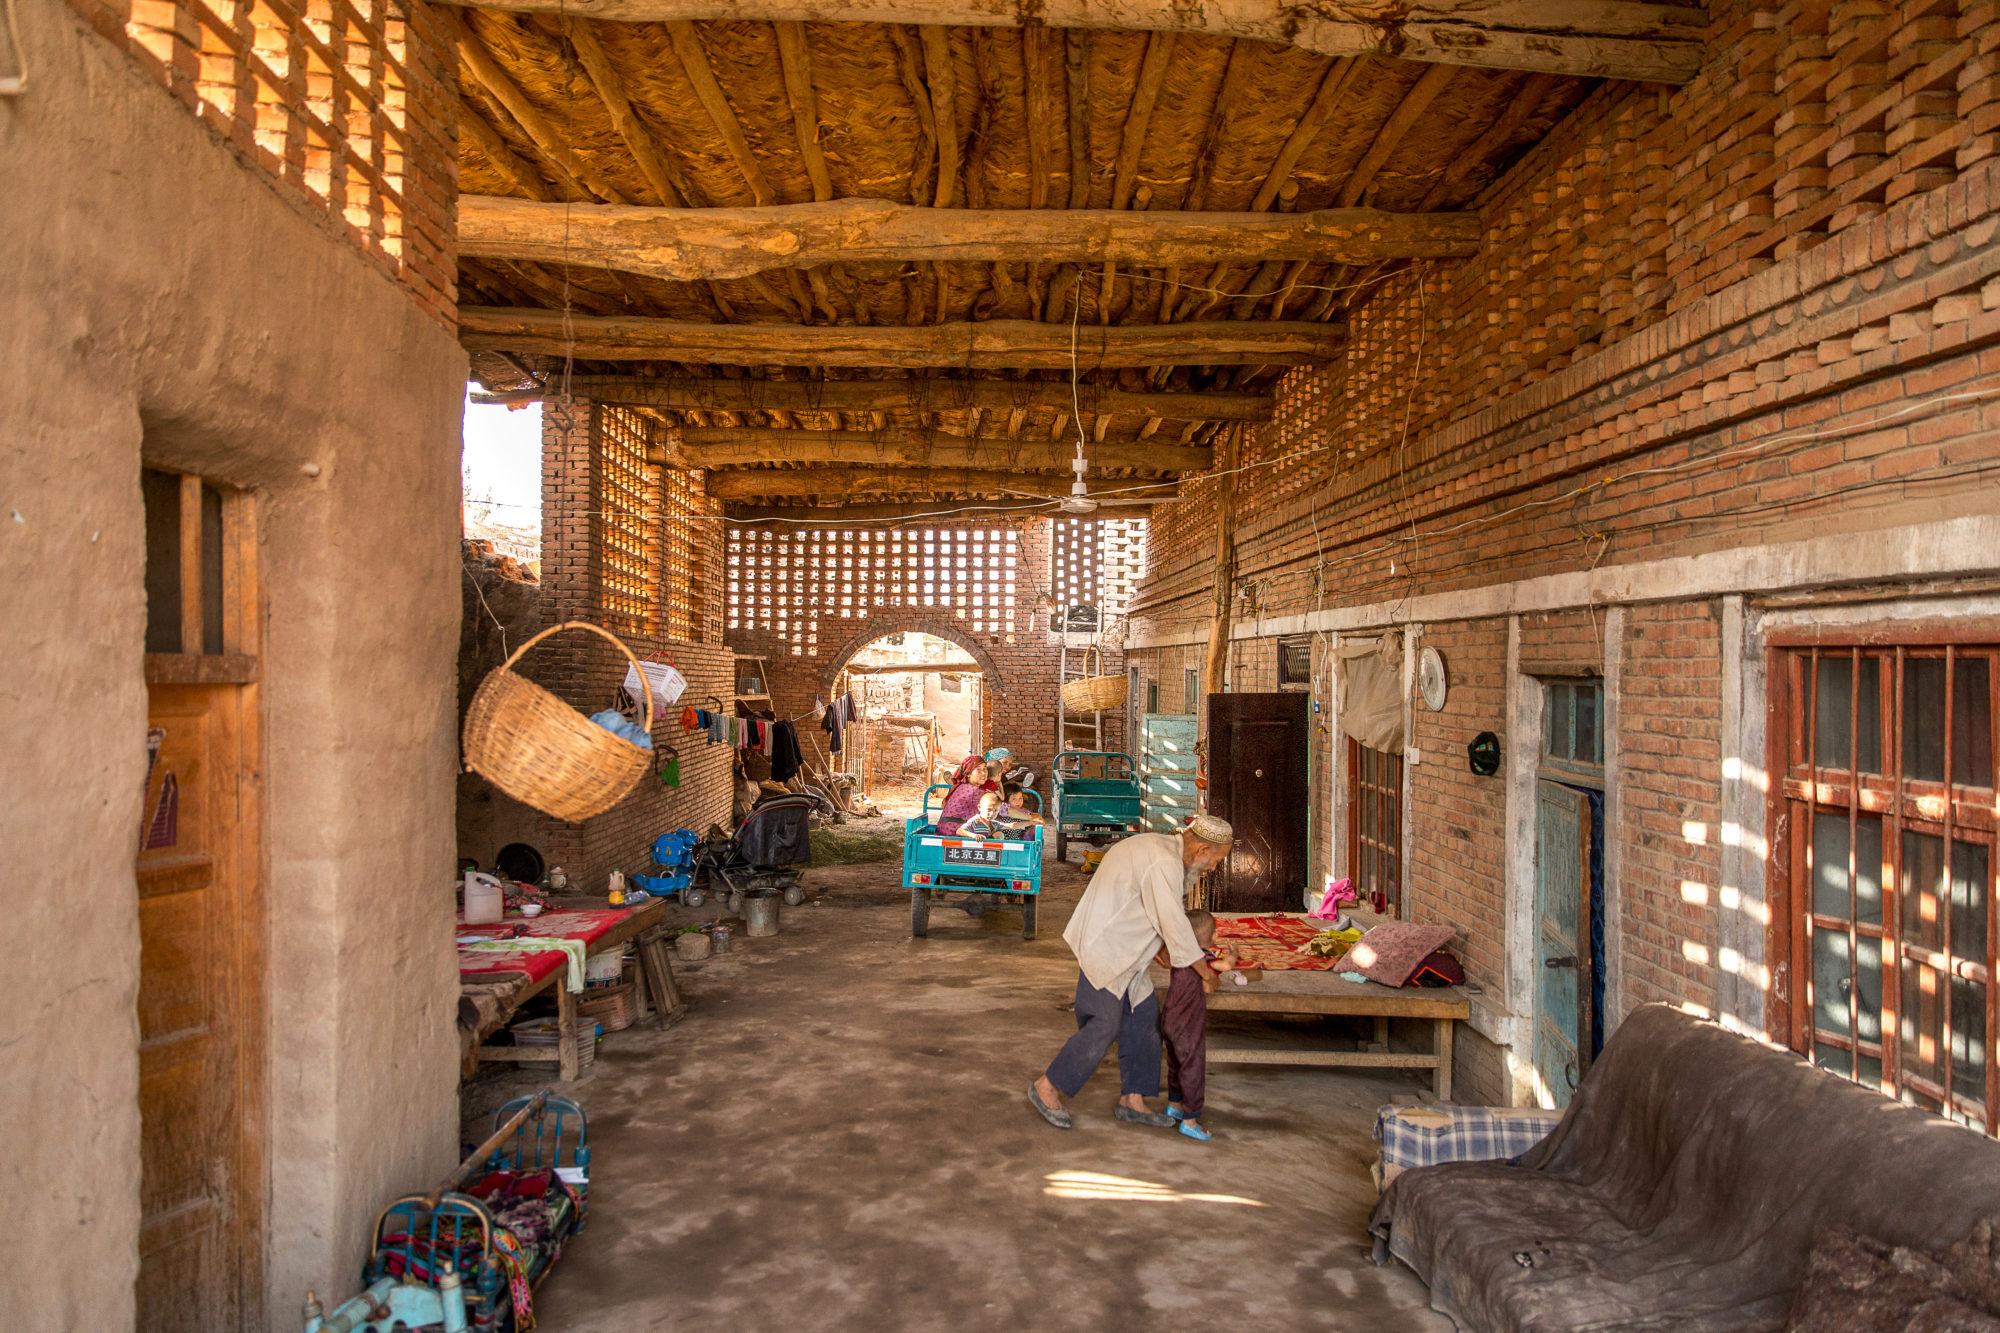 Interni Di Una Casa Di Campagna : Cortile interno di una casa di campagna a turpan fotografo brescia